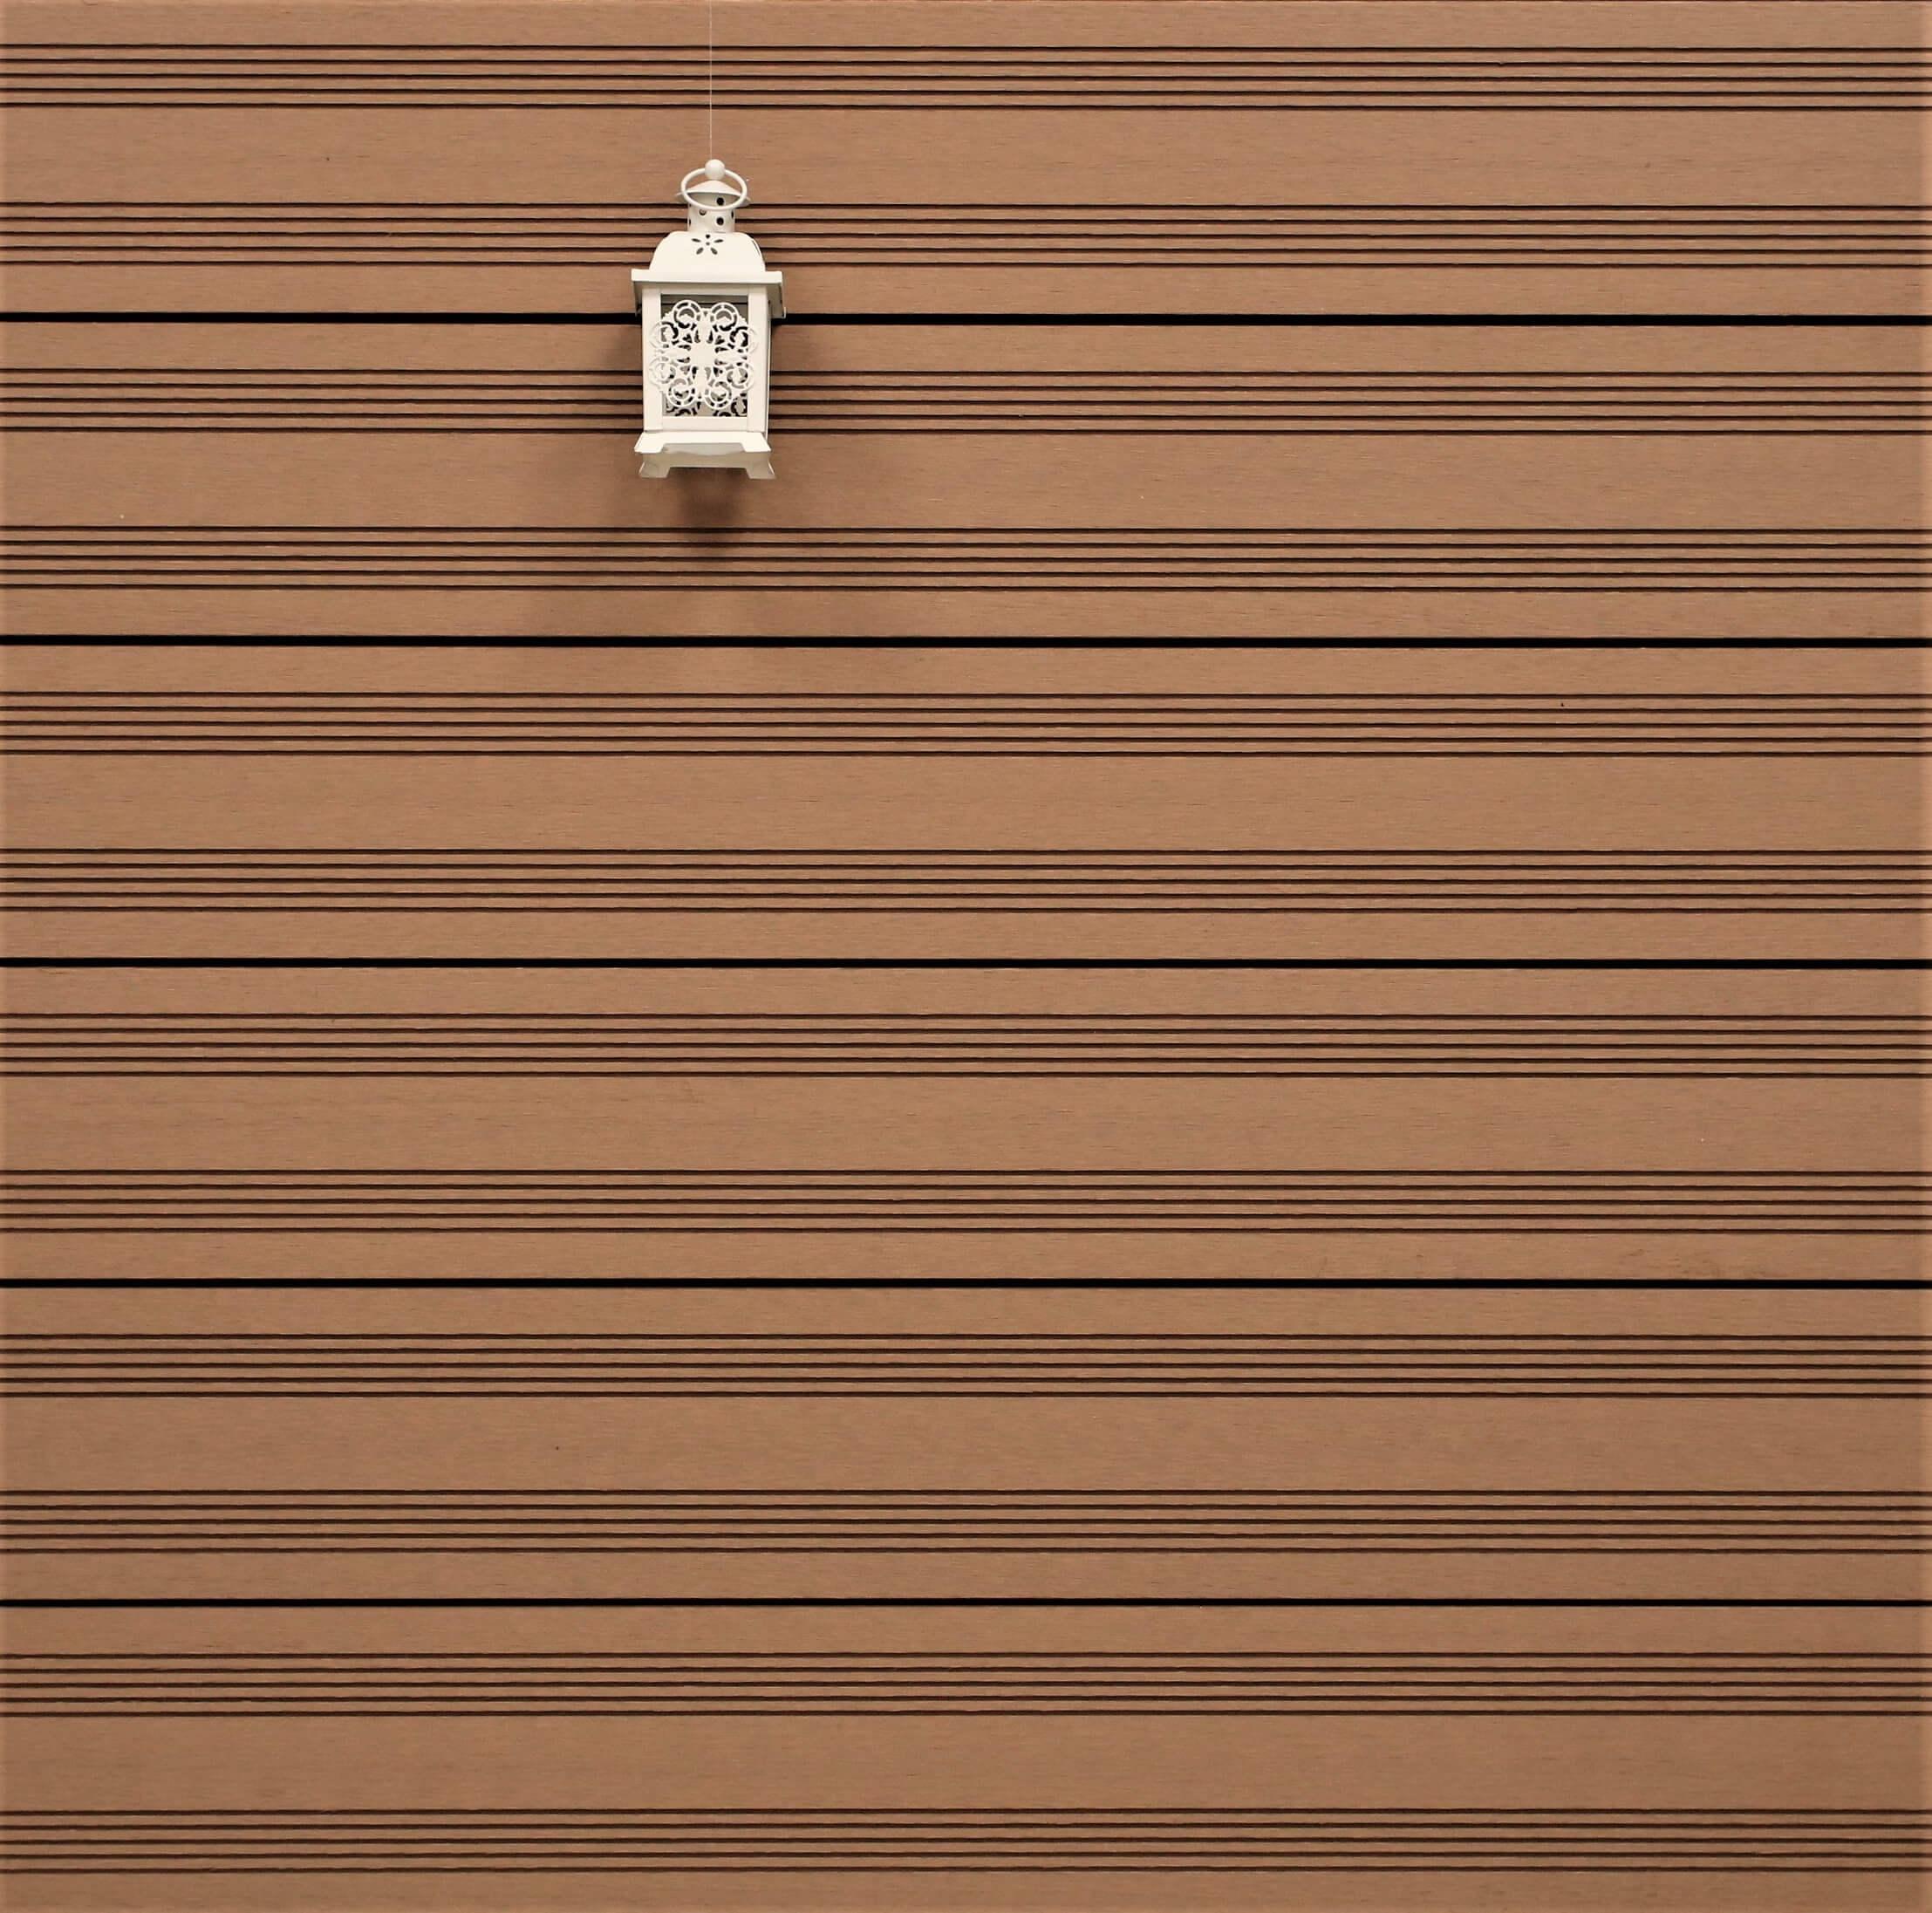 WPC Terrassendielen massiv, Oberfläche mit französischem Profil, Farbton hellbraun, Vollprofil, 22 x 143 bis 4800 mm für 9,50 €/lfm